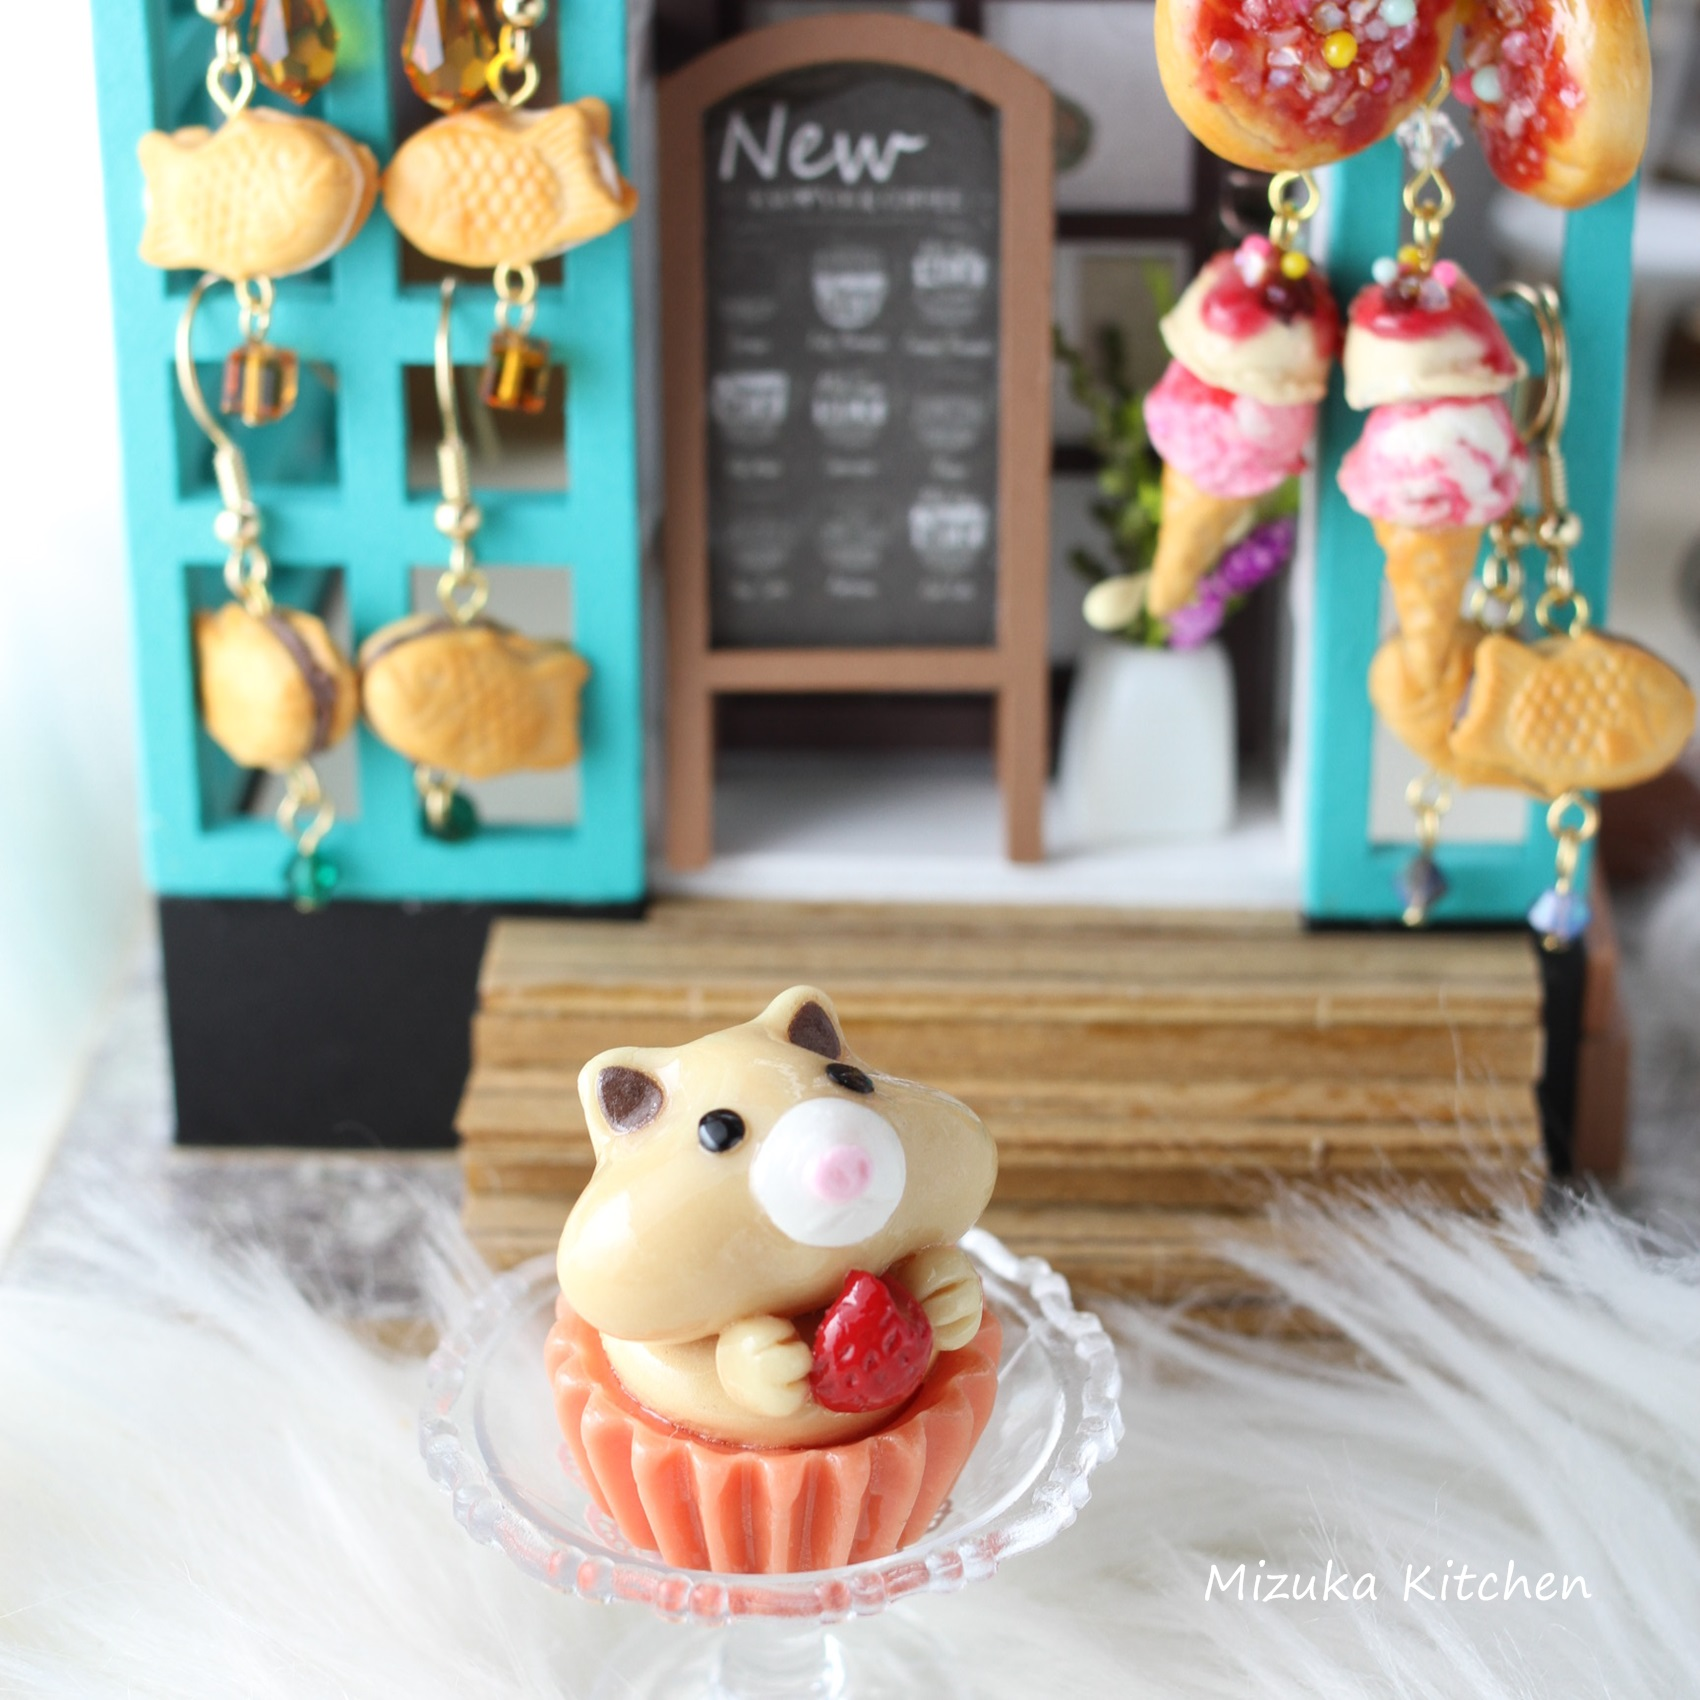 Mizuka Kitchen 〜クレイクラフトCafe〜